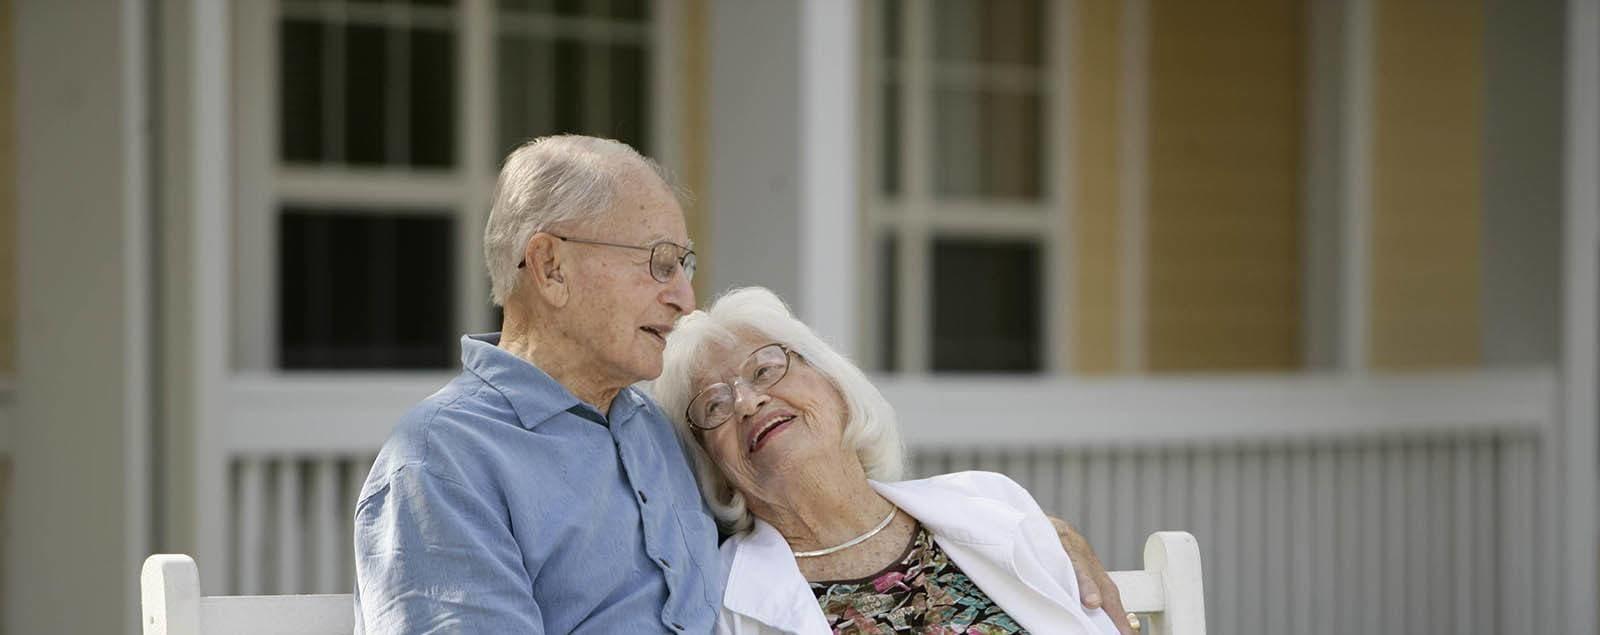 Reviews for senior living in Jacksonville